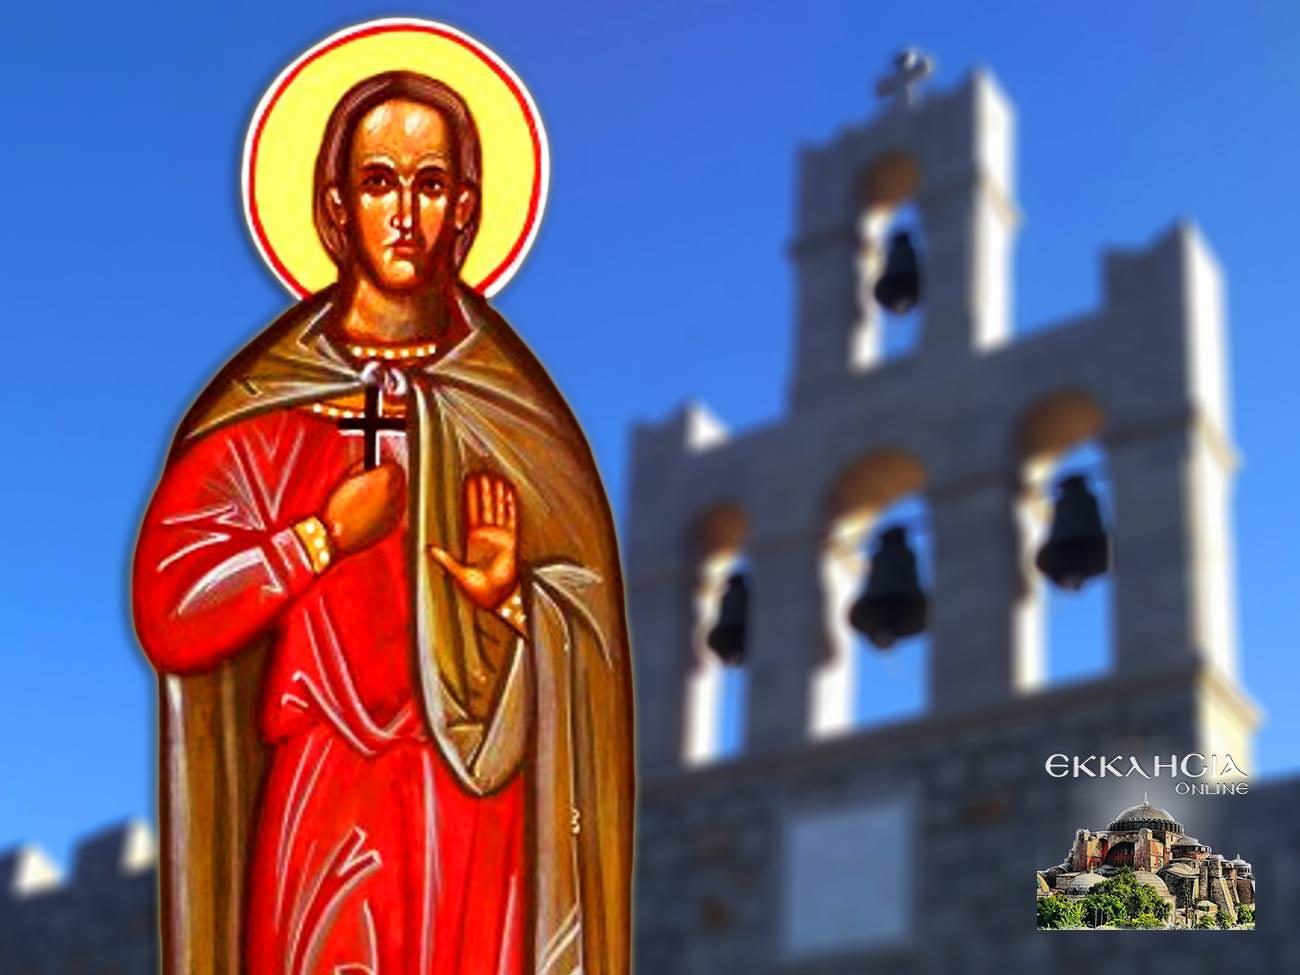 Άγιος Αρδαλίων ο Μίμος ο Μάρτυρας 14 Απριλίου